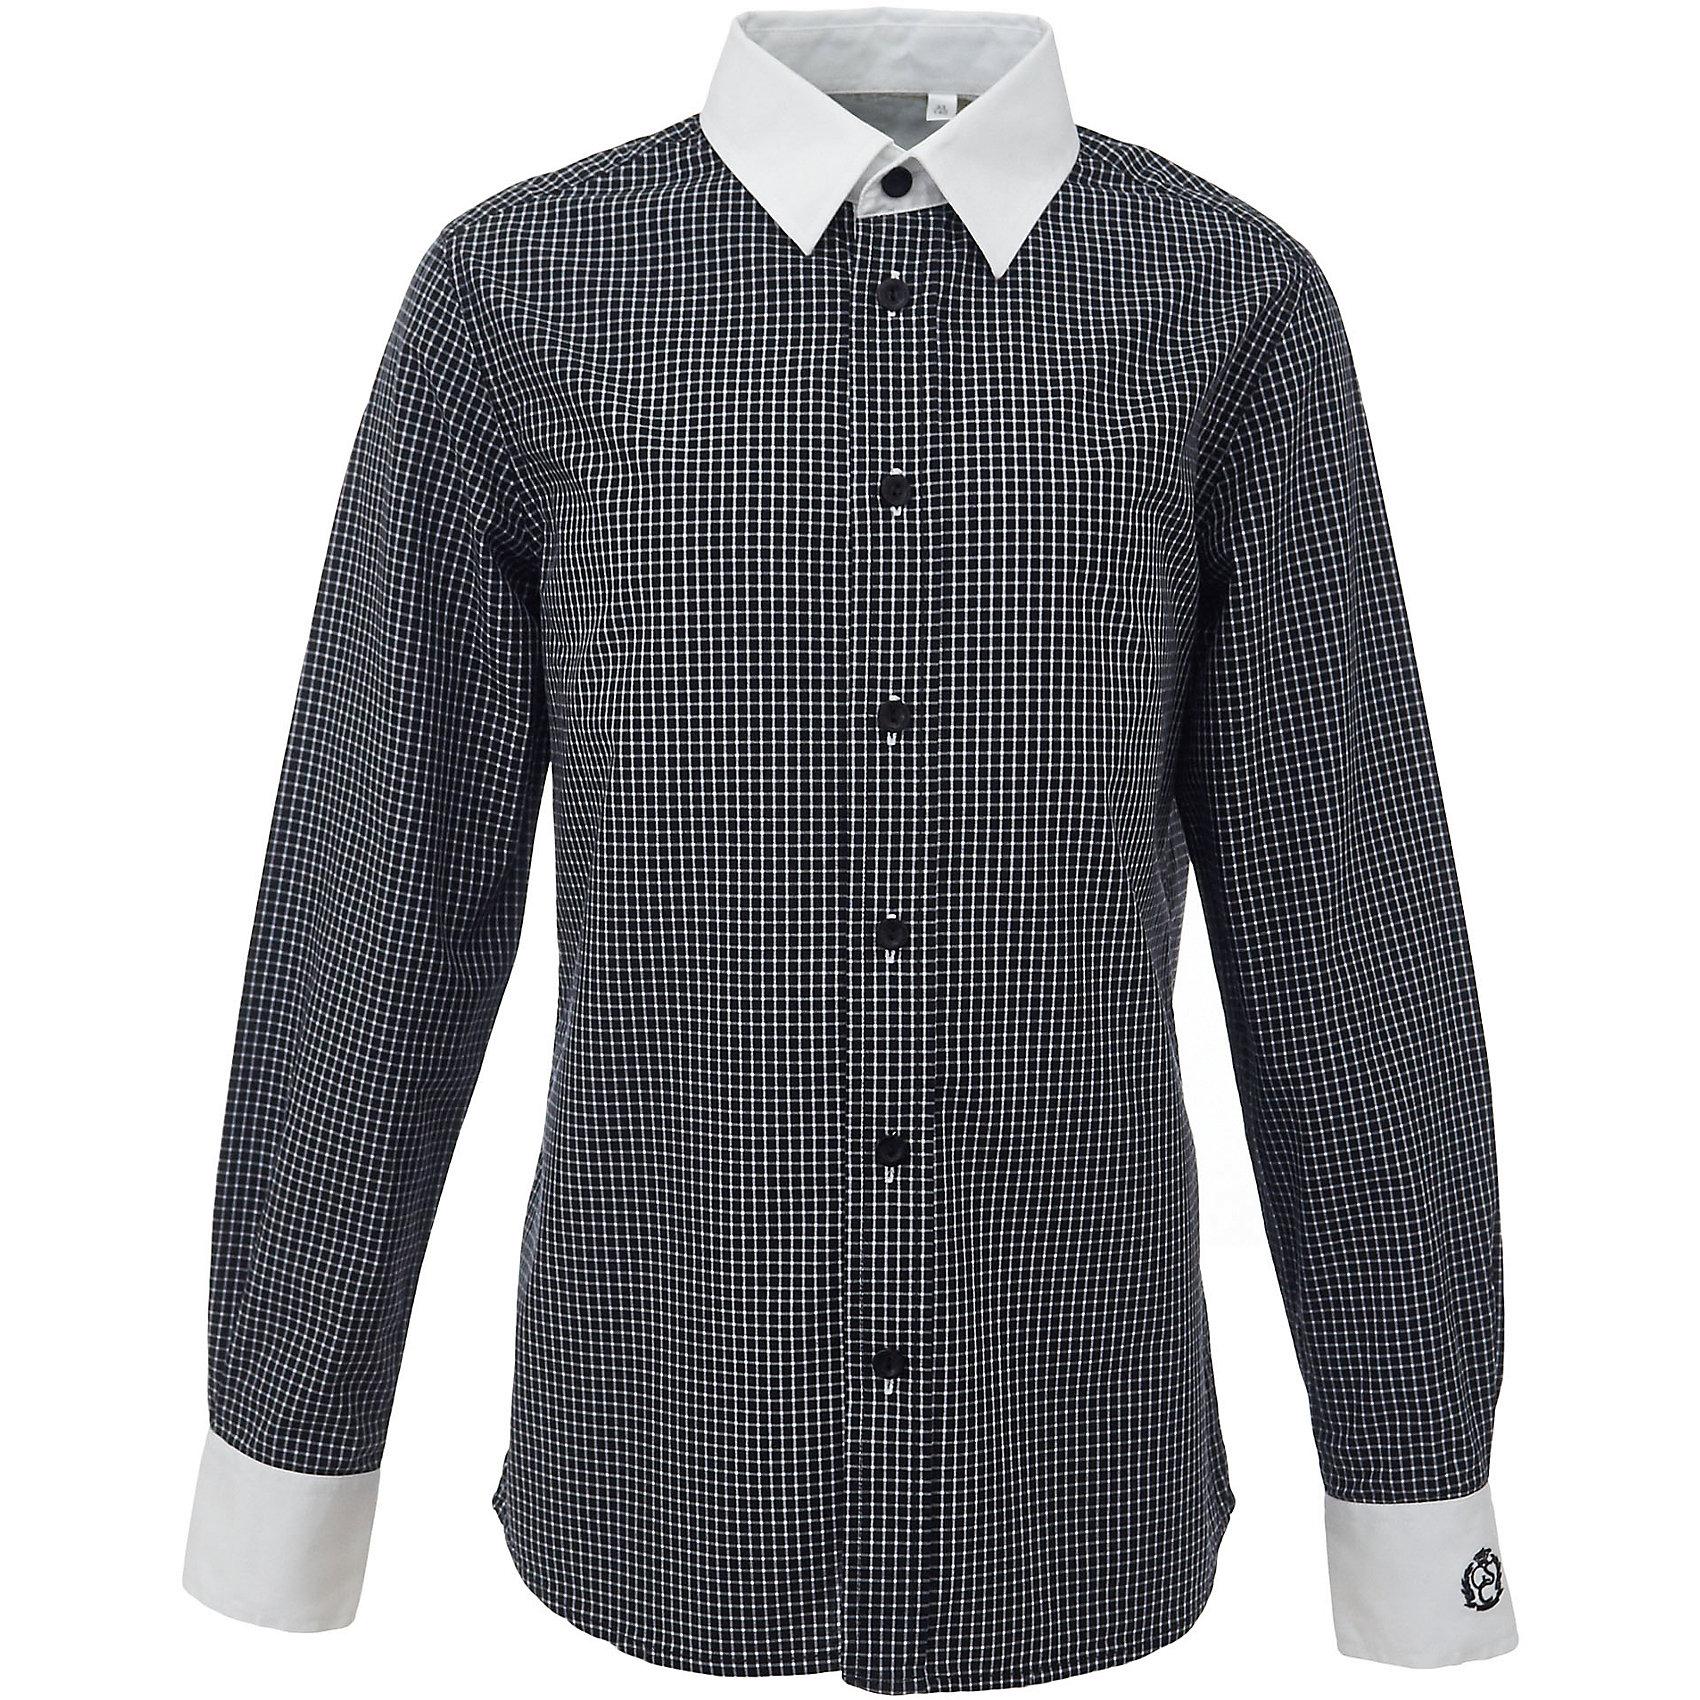 Рубашка для мальчика GulliverБлузки и рубашки<br>Купить рубашку для мальчика - в преддверии учебного сезона, это самая распространенная задача родителей школьников. При всем богатстве выбора, купить рубашку высокого качества не очень просто. Школьная рубашка должна отлично выглядеть, хорошо сидеть, соответствовать актуальной форме, быть всегда свежей и простой в уходе. Именно поэтому состав, плотность и текстура материала имеет большое значение! Черная рубашка в мелкую клетку - тренд сезона! Она не нарушает школьный дресс код, но делает повседневный look ярче и интереснее, создавая позитивное настроение. Белая отделка: внутренняя часть планки и воротник, а также контрастная форменная вышивка на манжете придают модели выразительность и индивидуальность.<br>Состав:<br>100% хлопок<br><br>Ширина мм: 174<br>Глубина мм: 10<br>Высота мм: 169<br>Вес г: 157<br>Цвет: черный<br>Возраст от месяцев: 168<br>Возраст до месяцев: 180<br>Пол: Мужской<br>Возраст: Детский<br>Размер: 170,122,128,134,140,146,152,158,164<br>SKU: 6678396